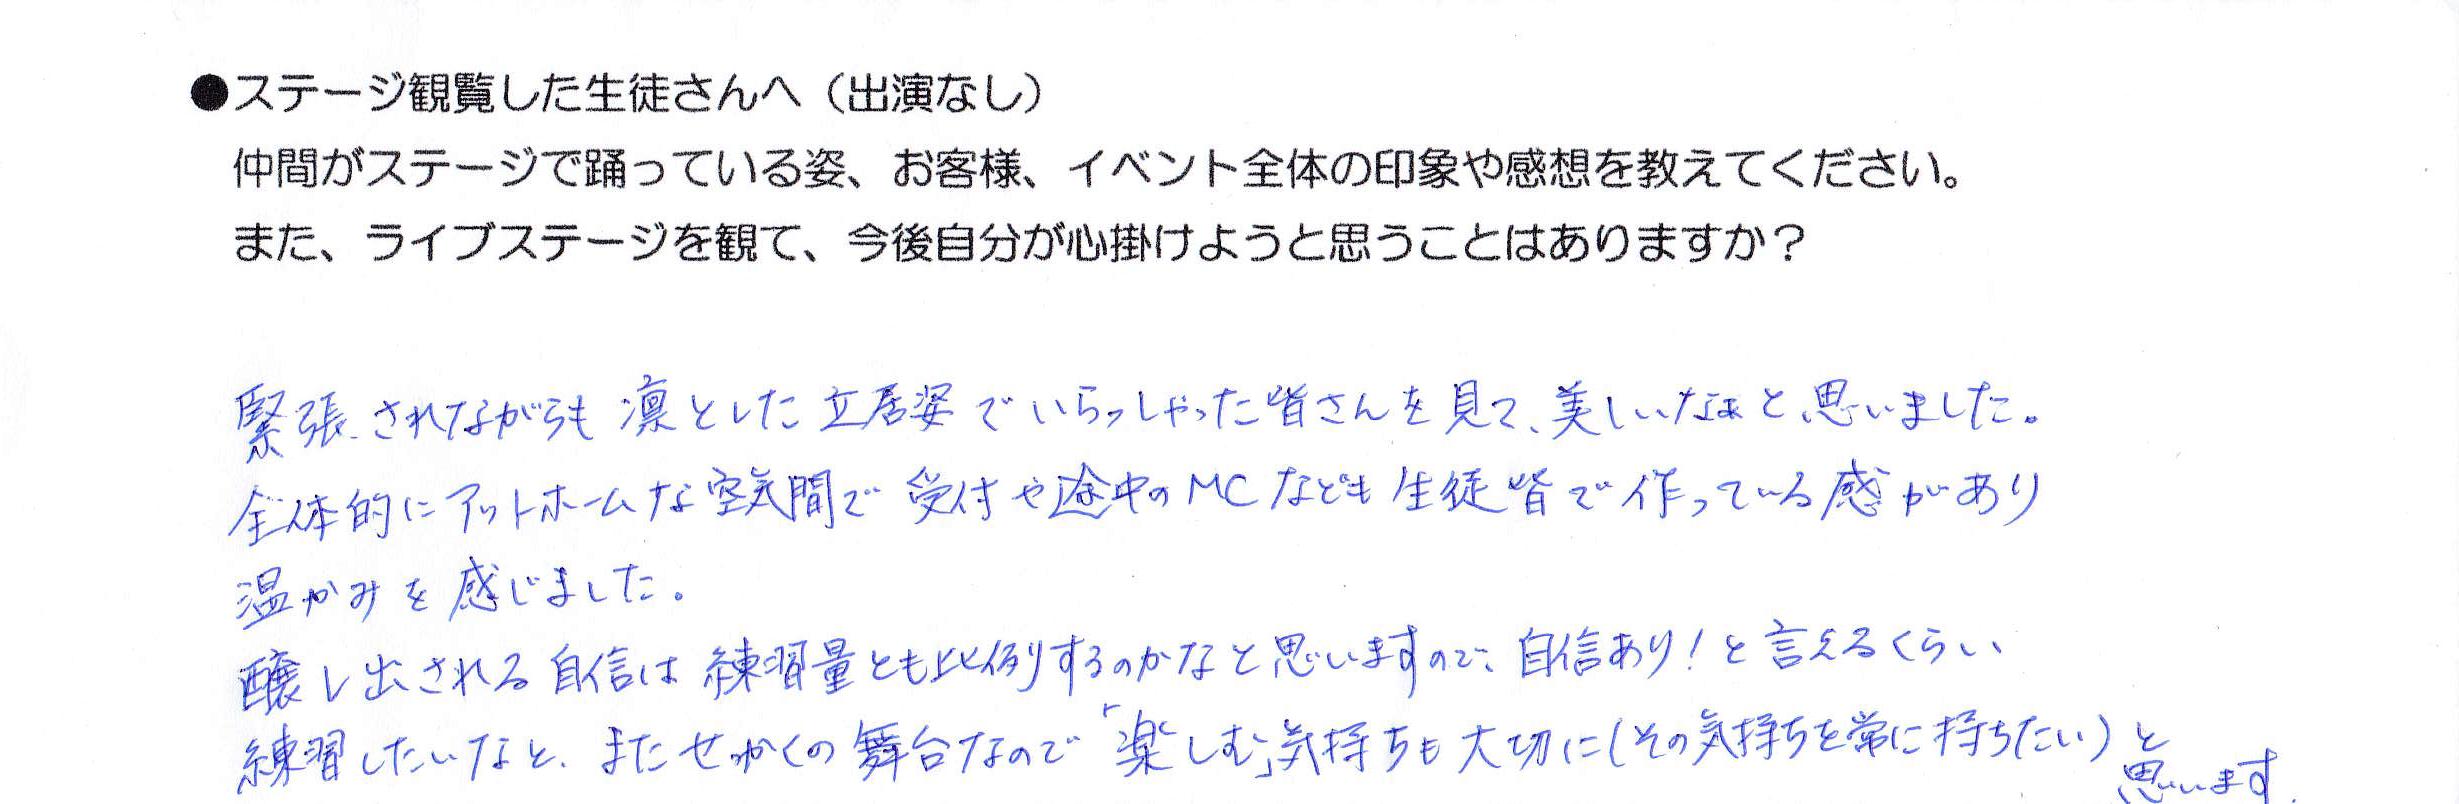 岡島久子フラメンコ教室イベントアンケート(観覧生徒の感想2019-6)